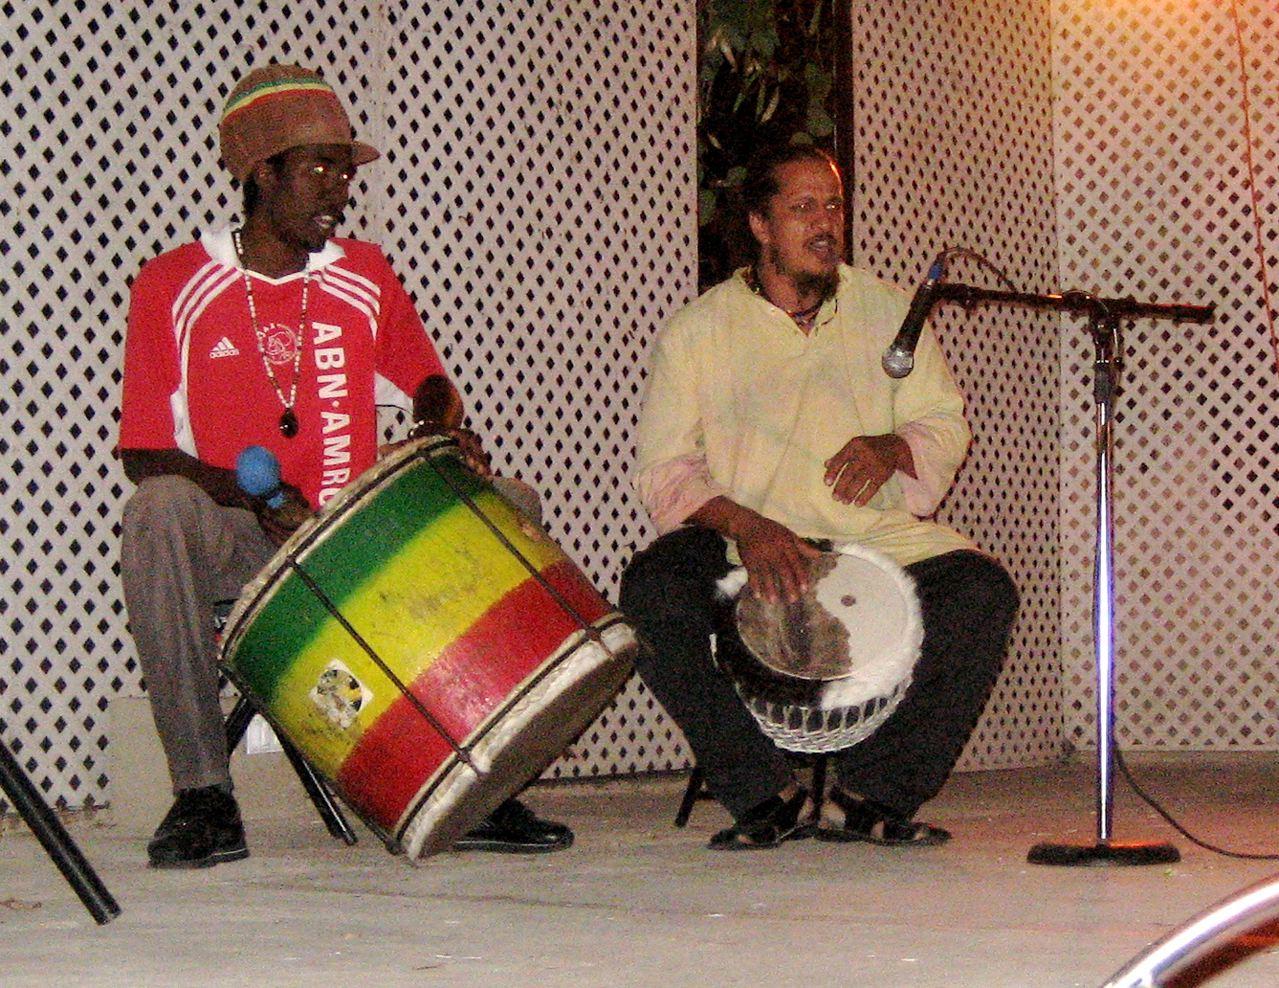 Akwaba Drummers